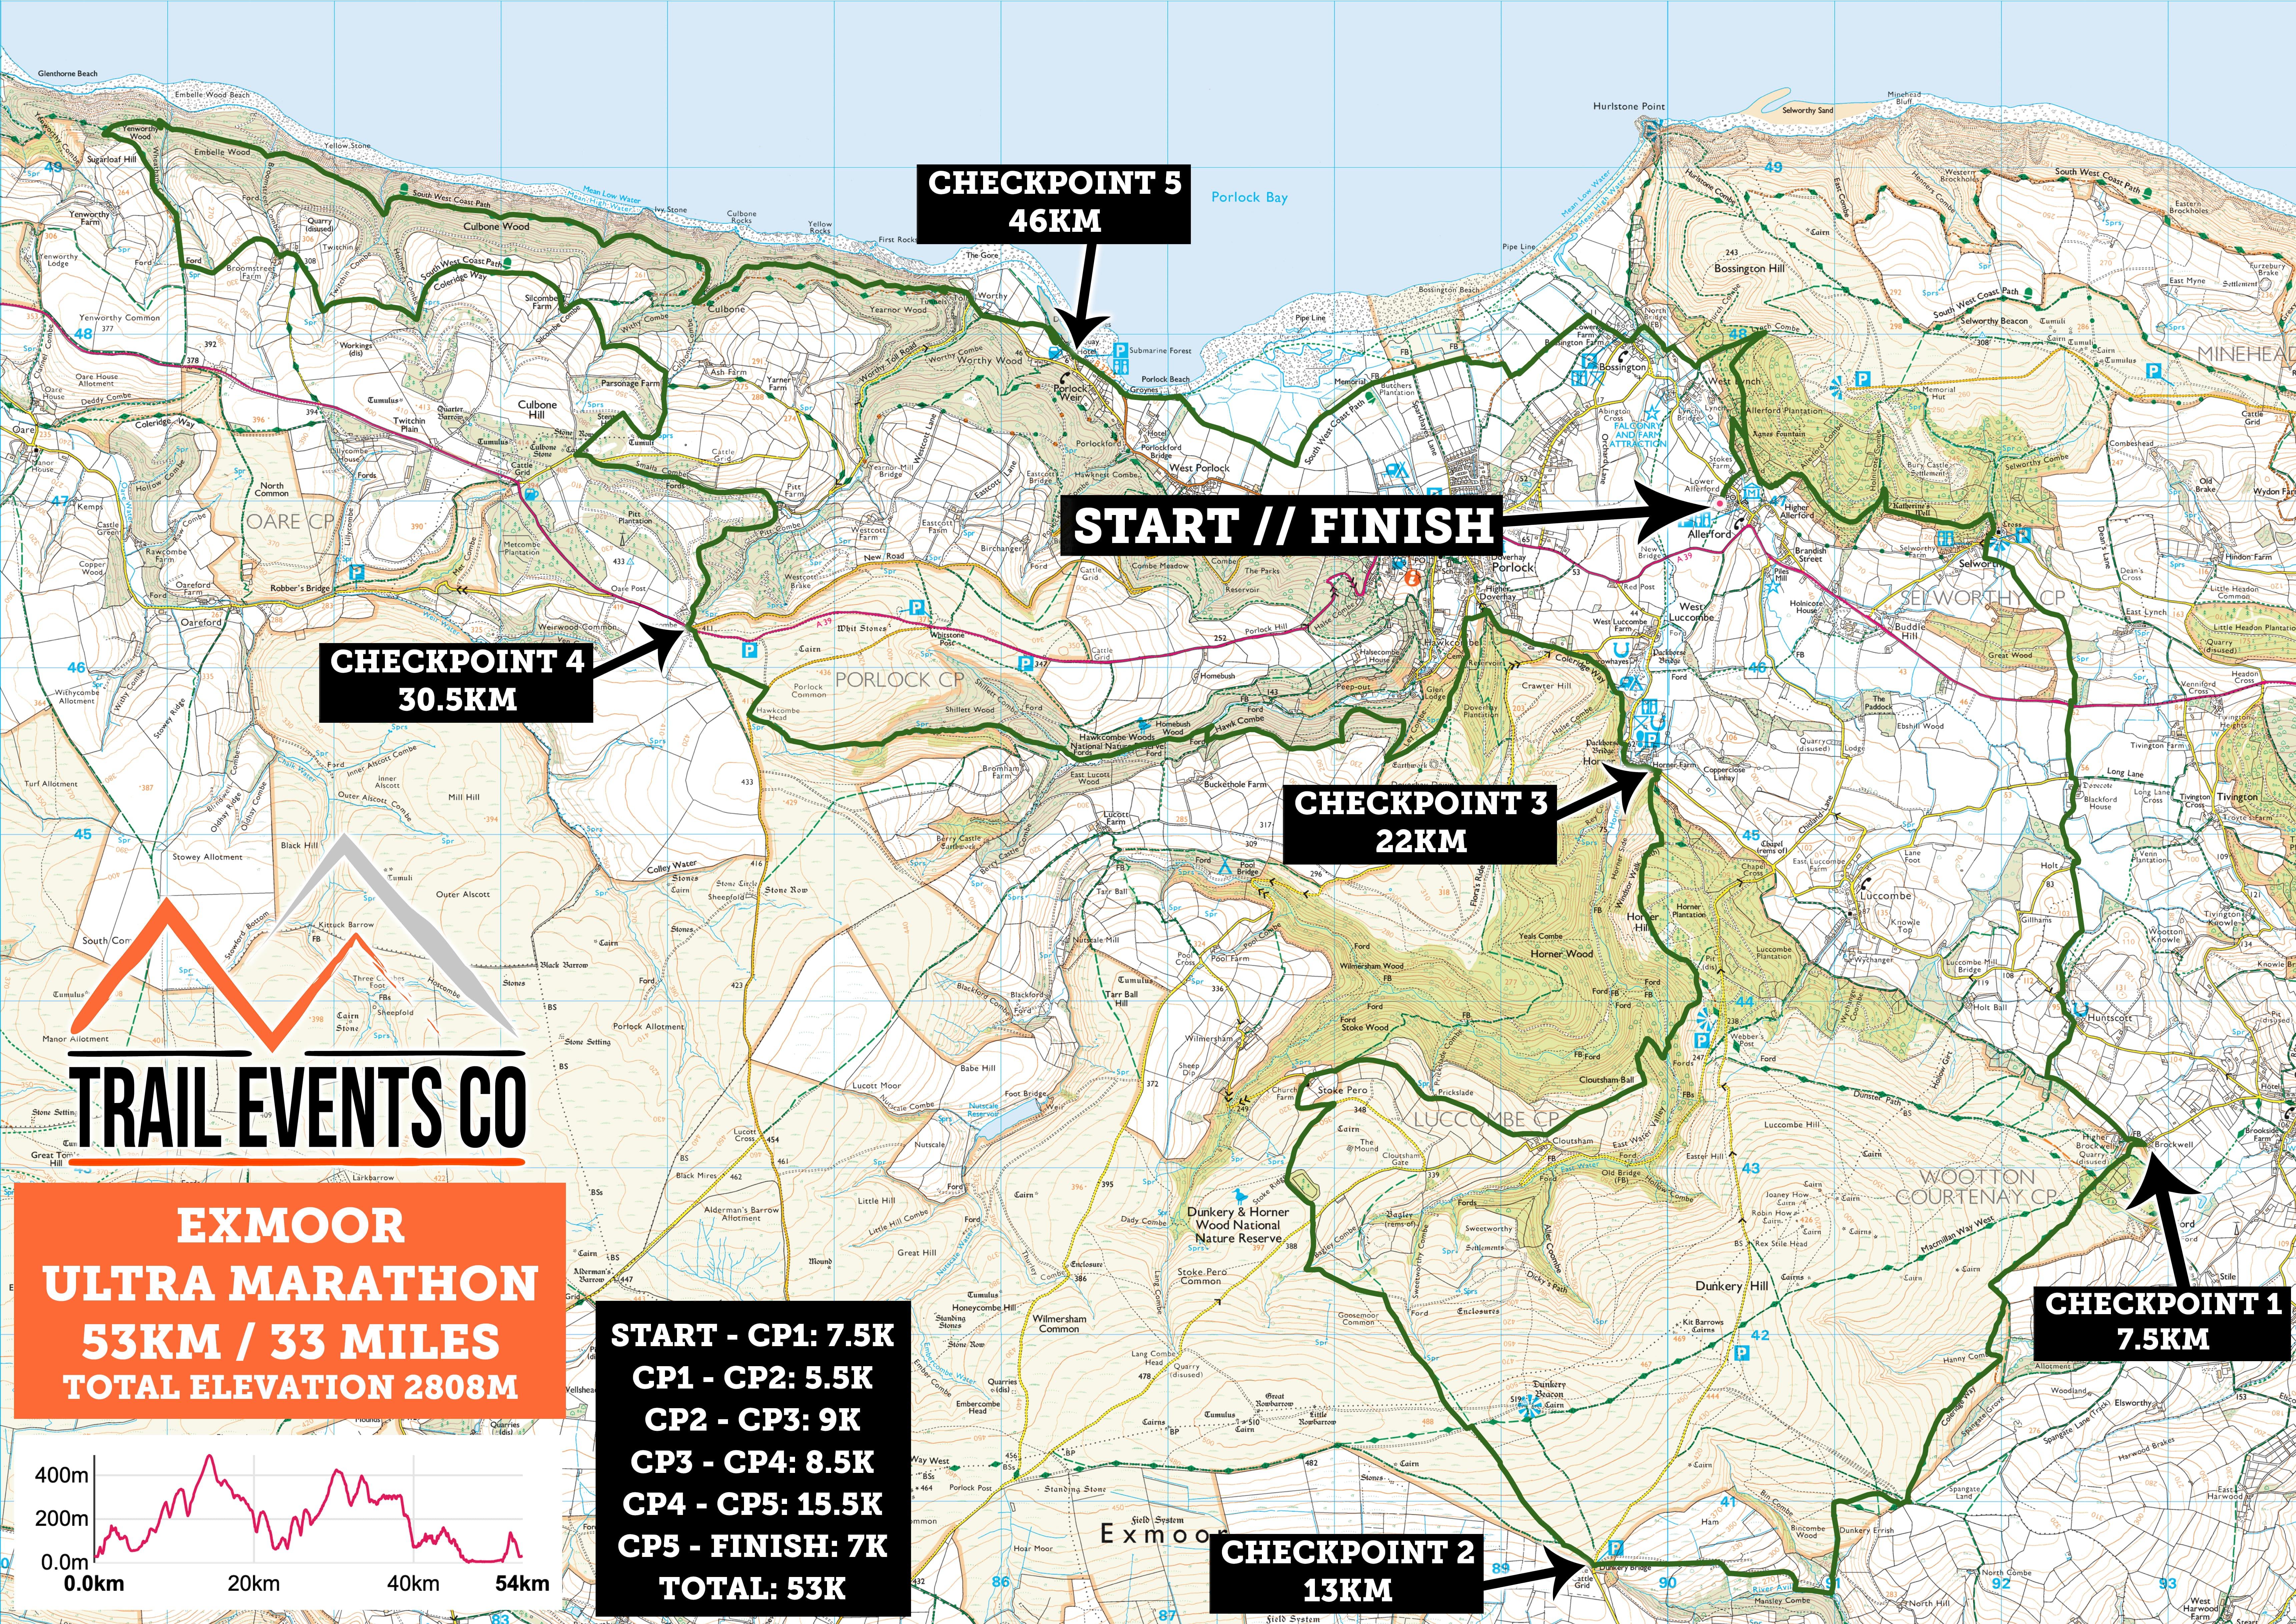 Exmoor Ultra Marathon